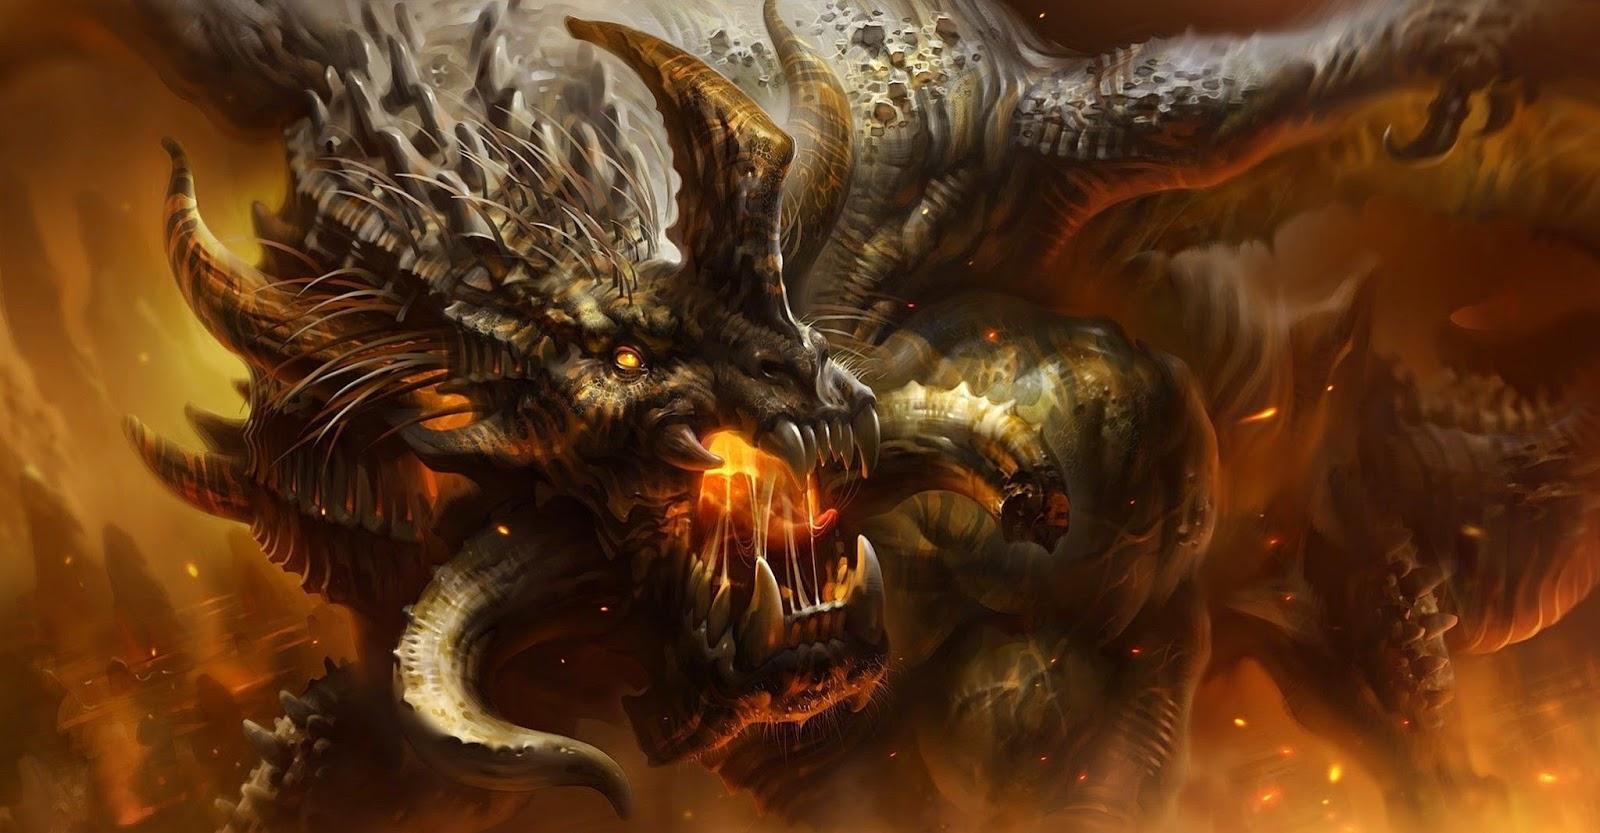 Papel de Parede Dragão para pc 3d hd Dragon Desktop Wallpaper Art